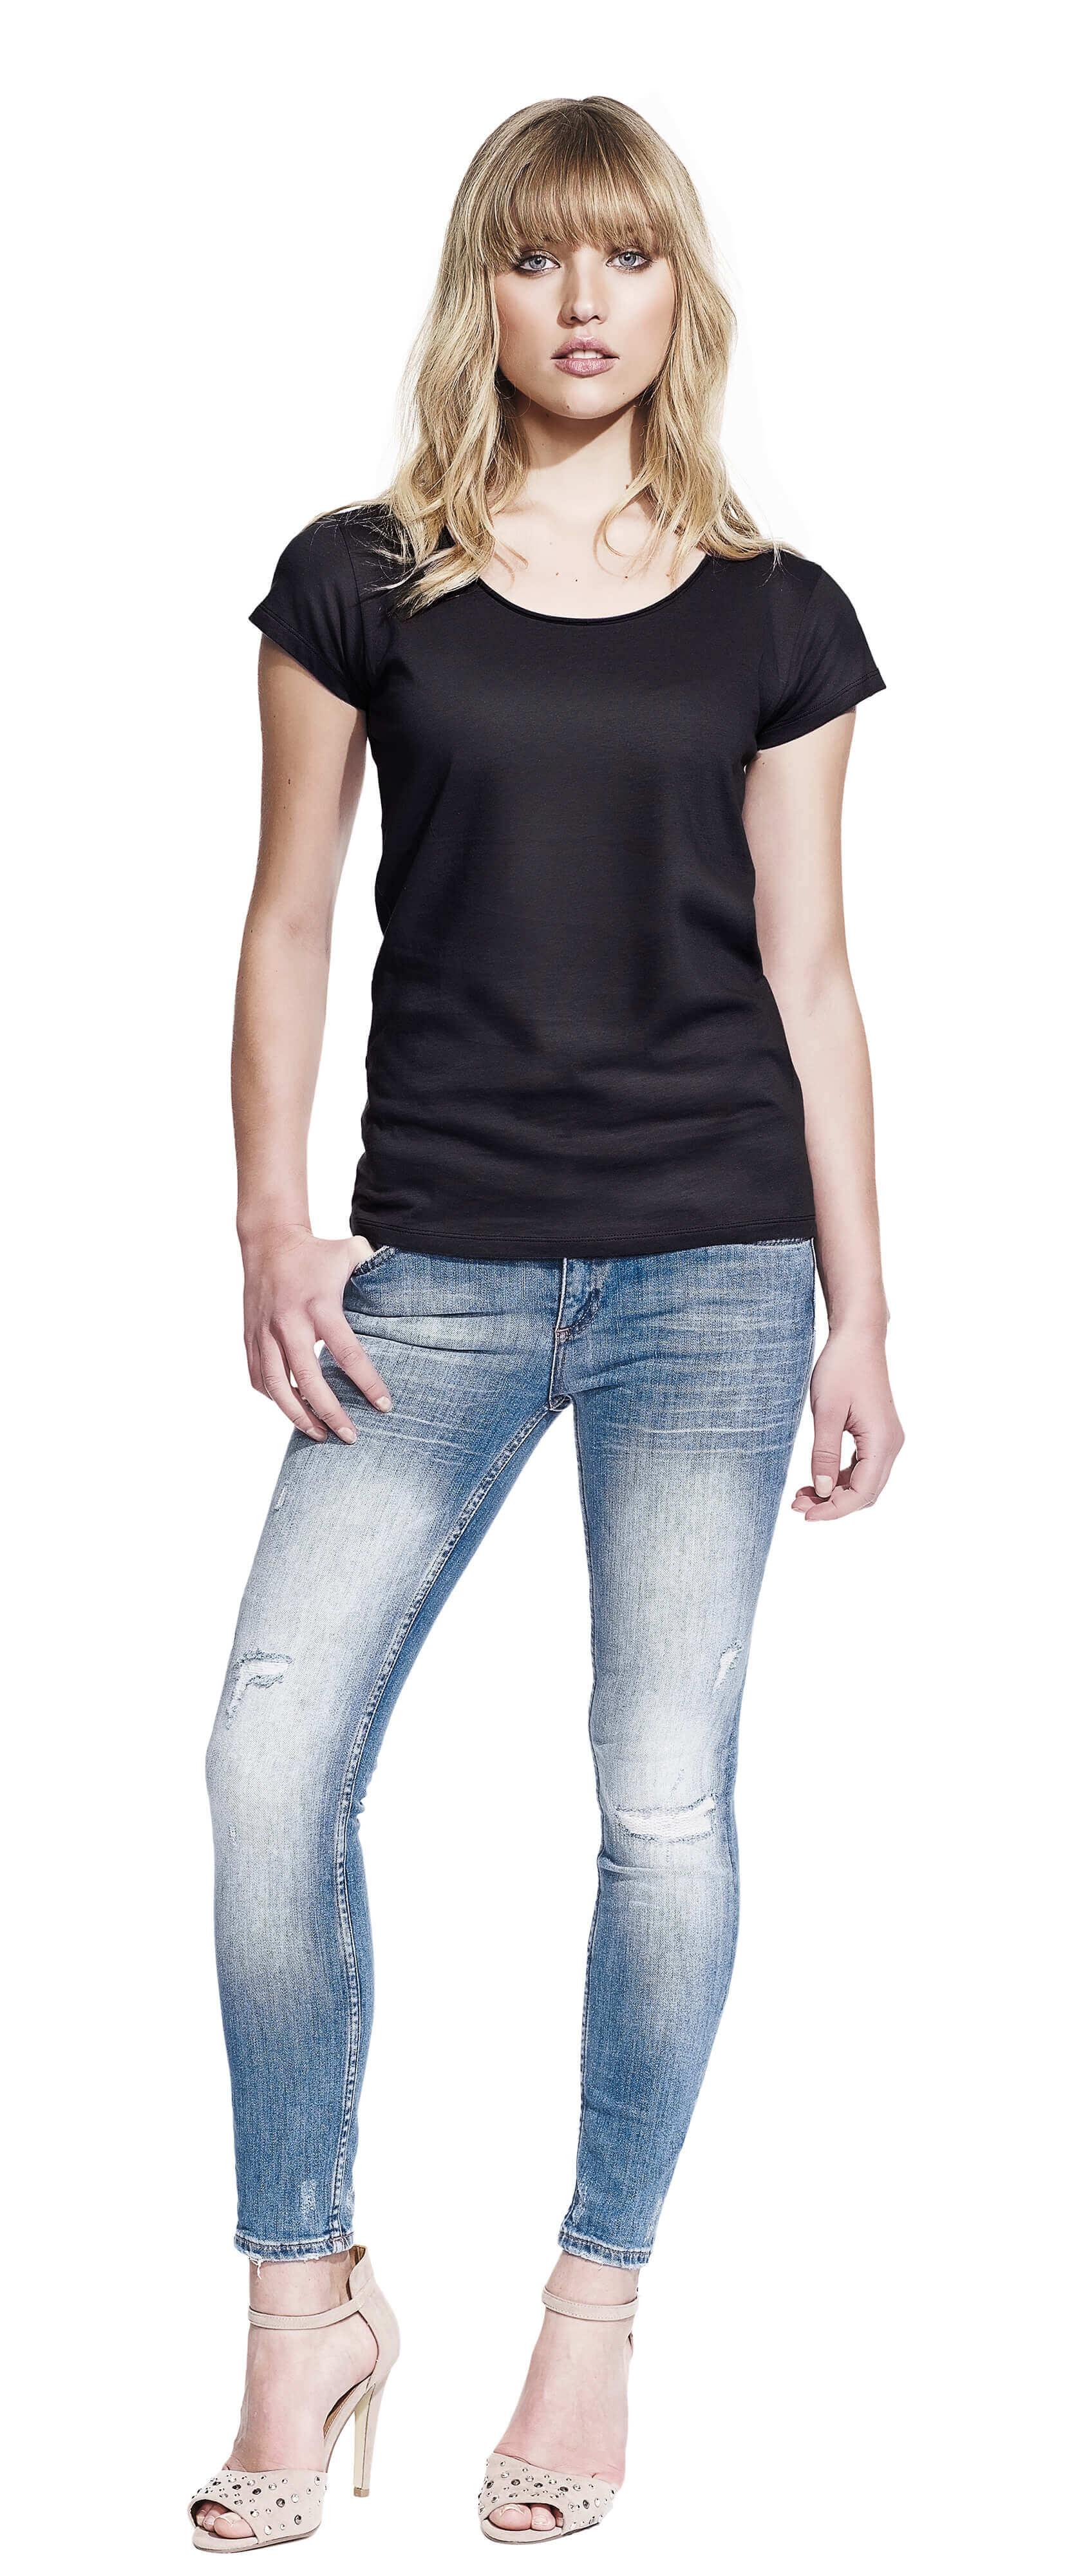 Continental n14 womens raw edge t shirt for Raw edge t shirt women s